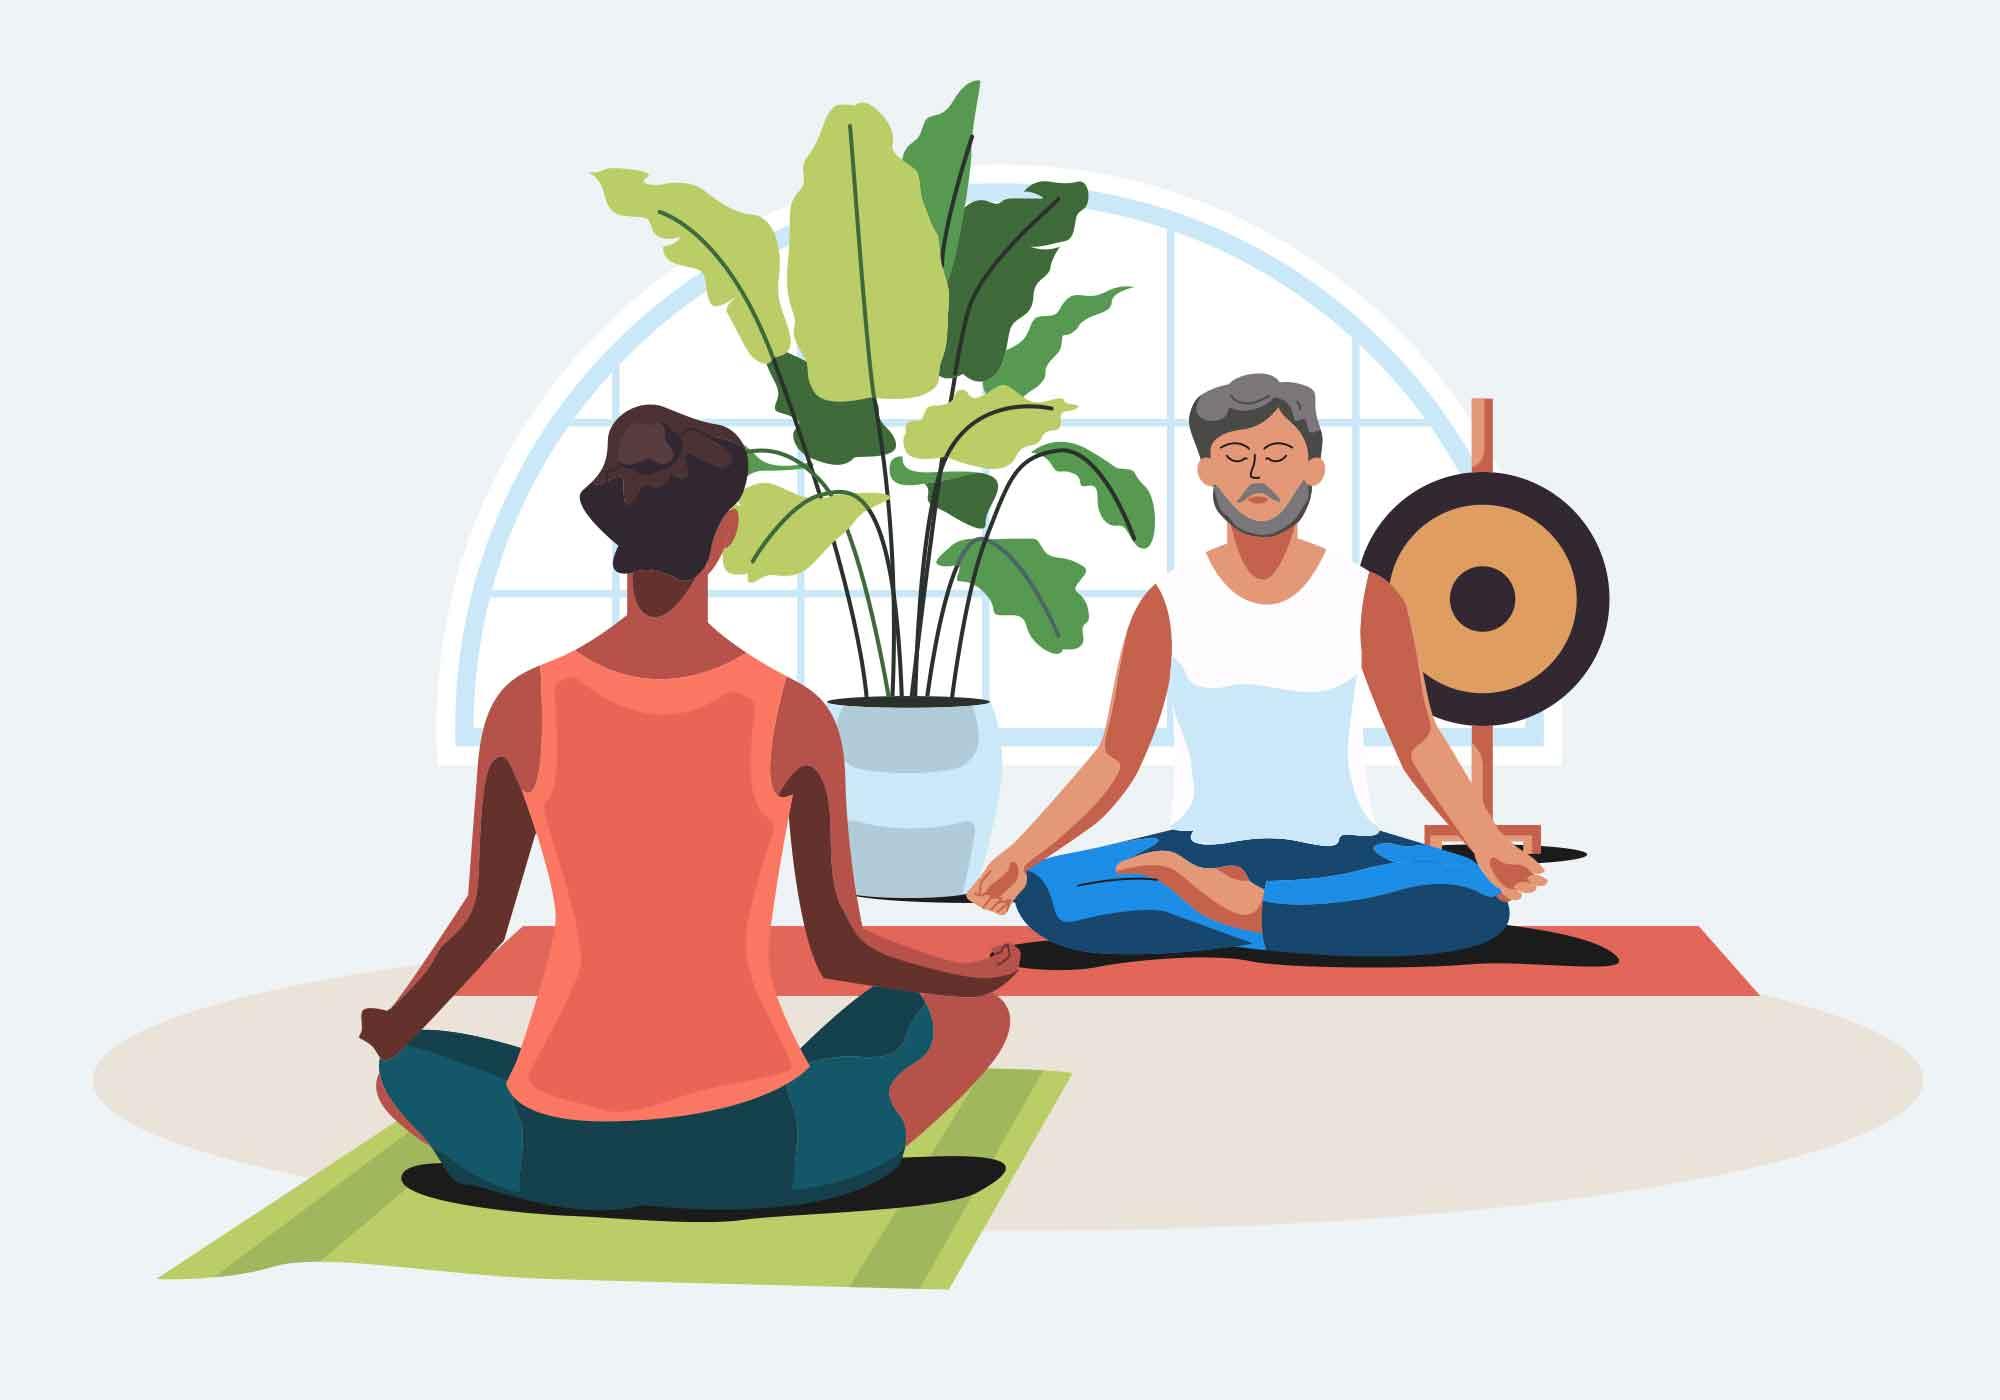 Meditation Vector Illustration